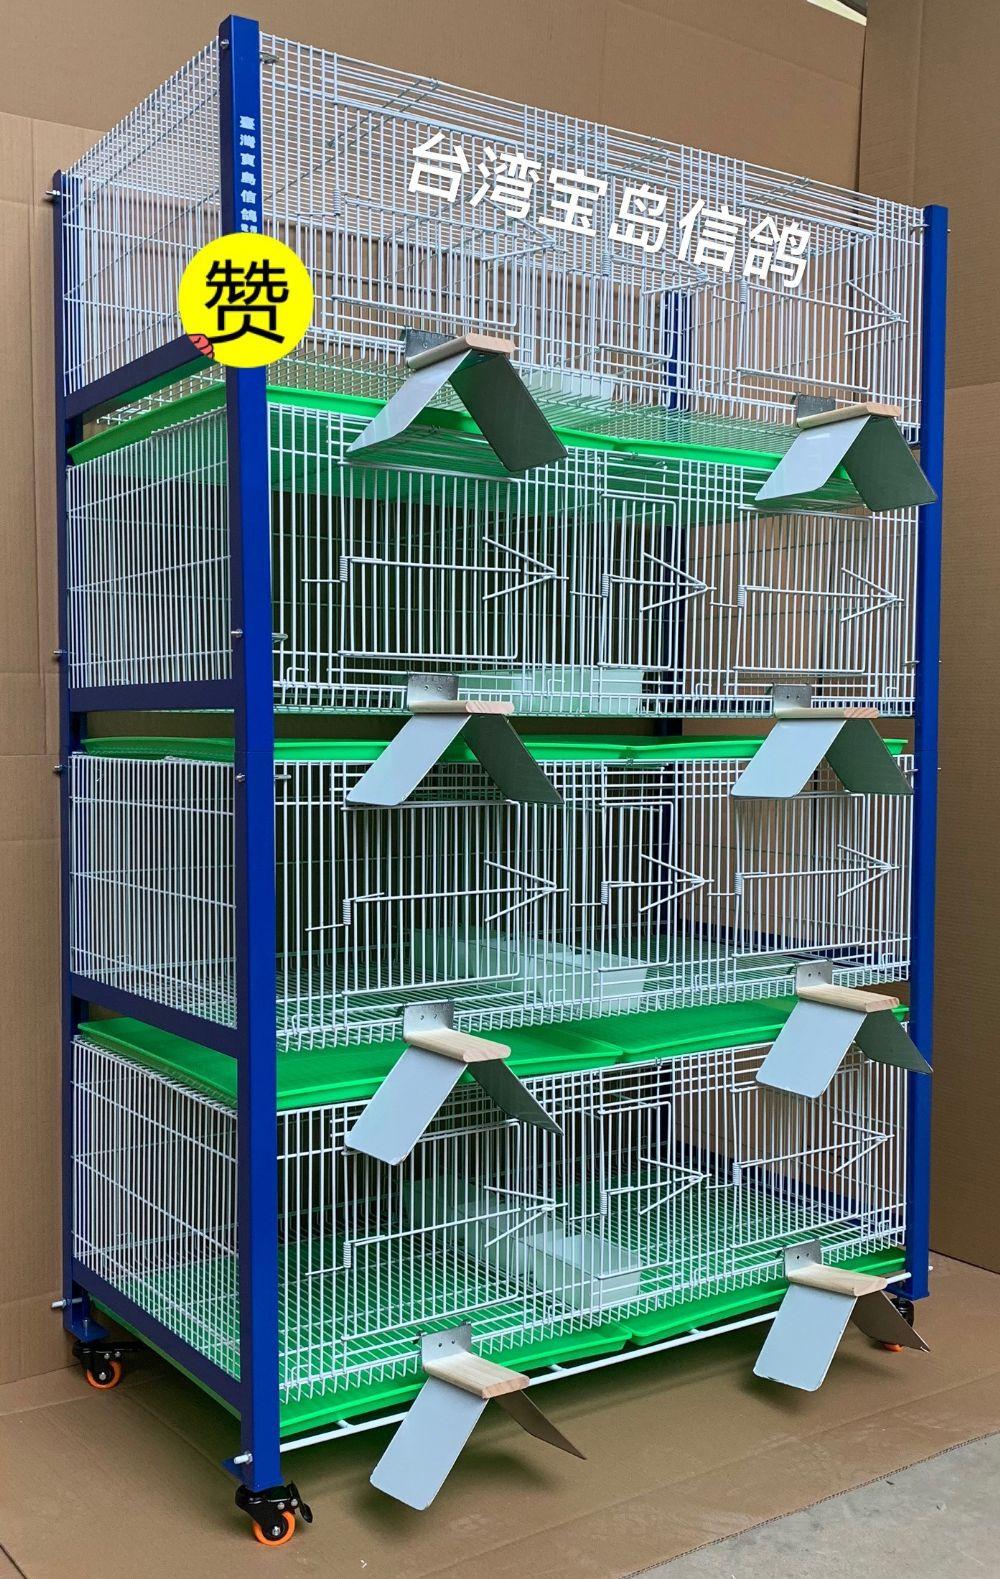 台湾配对笼四层带不锈钢栖架8个